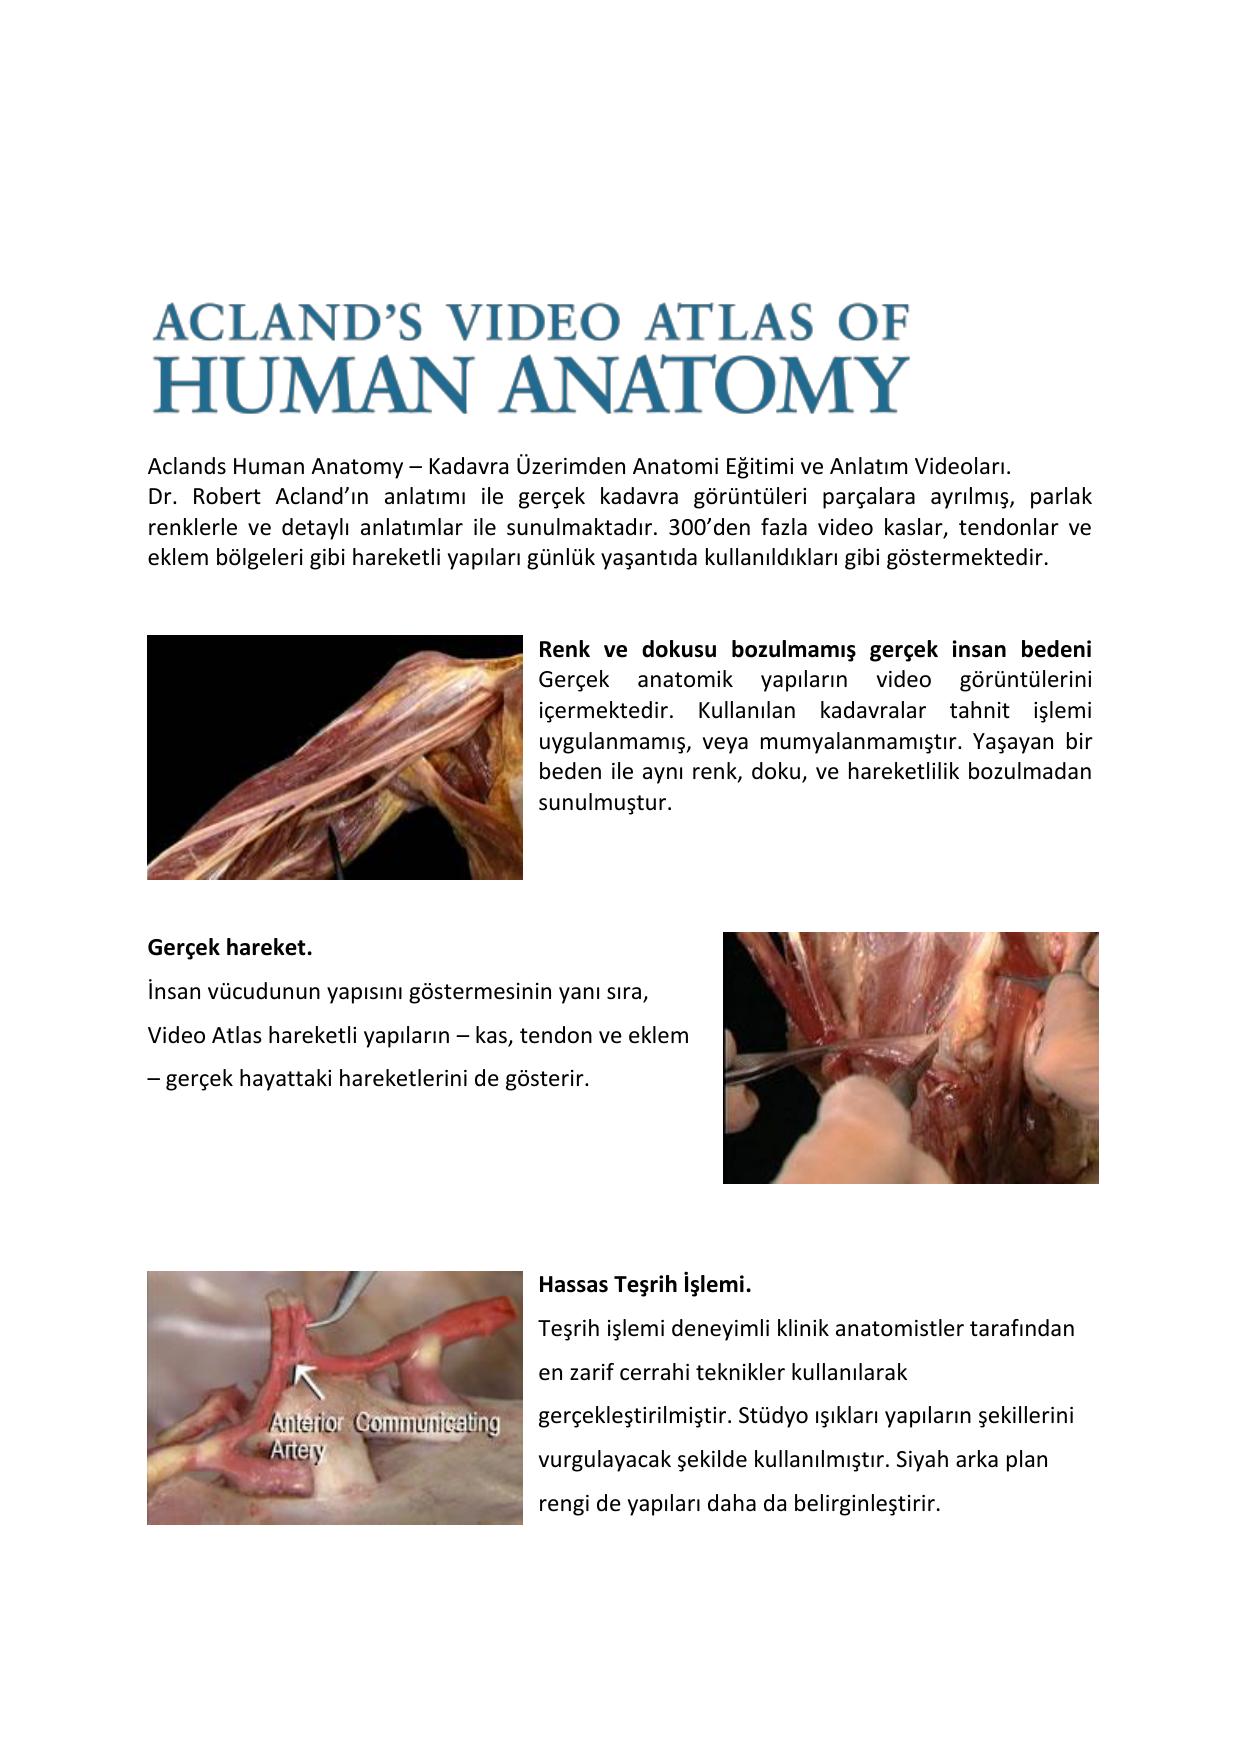 Schön Aclands Human Anatomy Zeitgenössisch - Anatomie Ideen ...